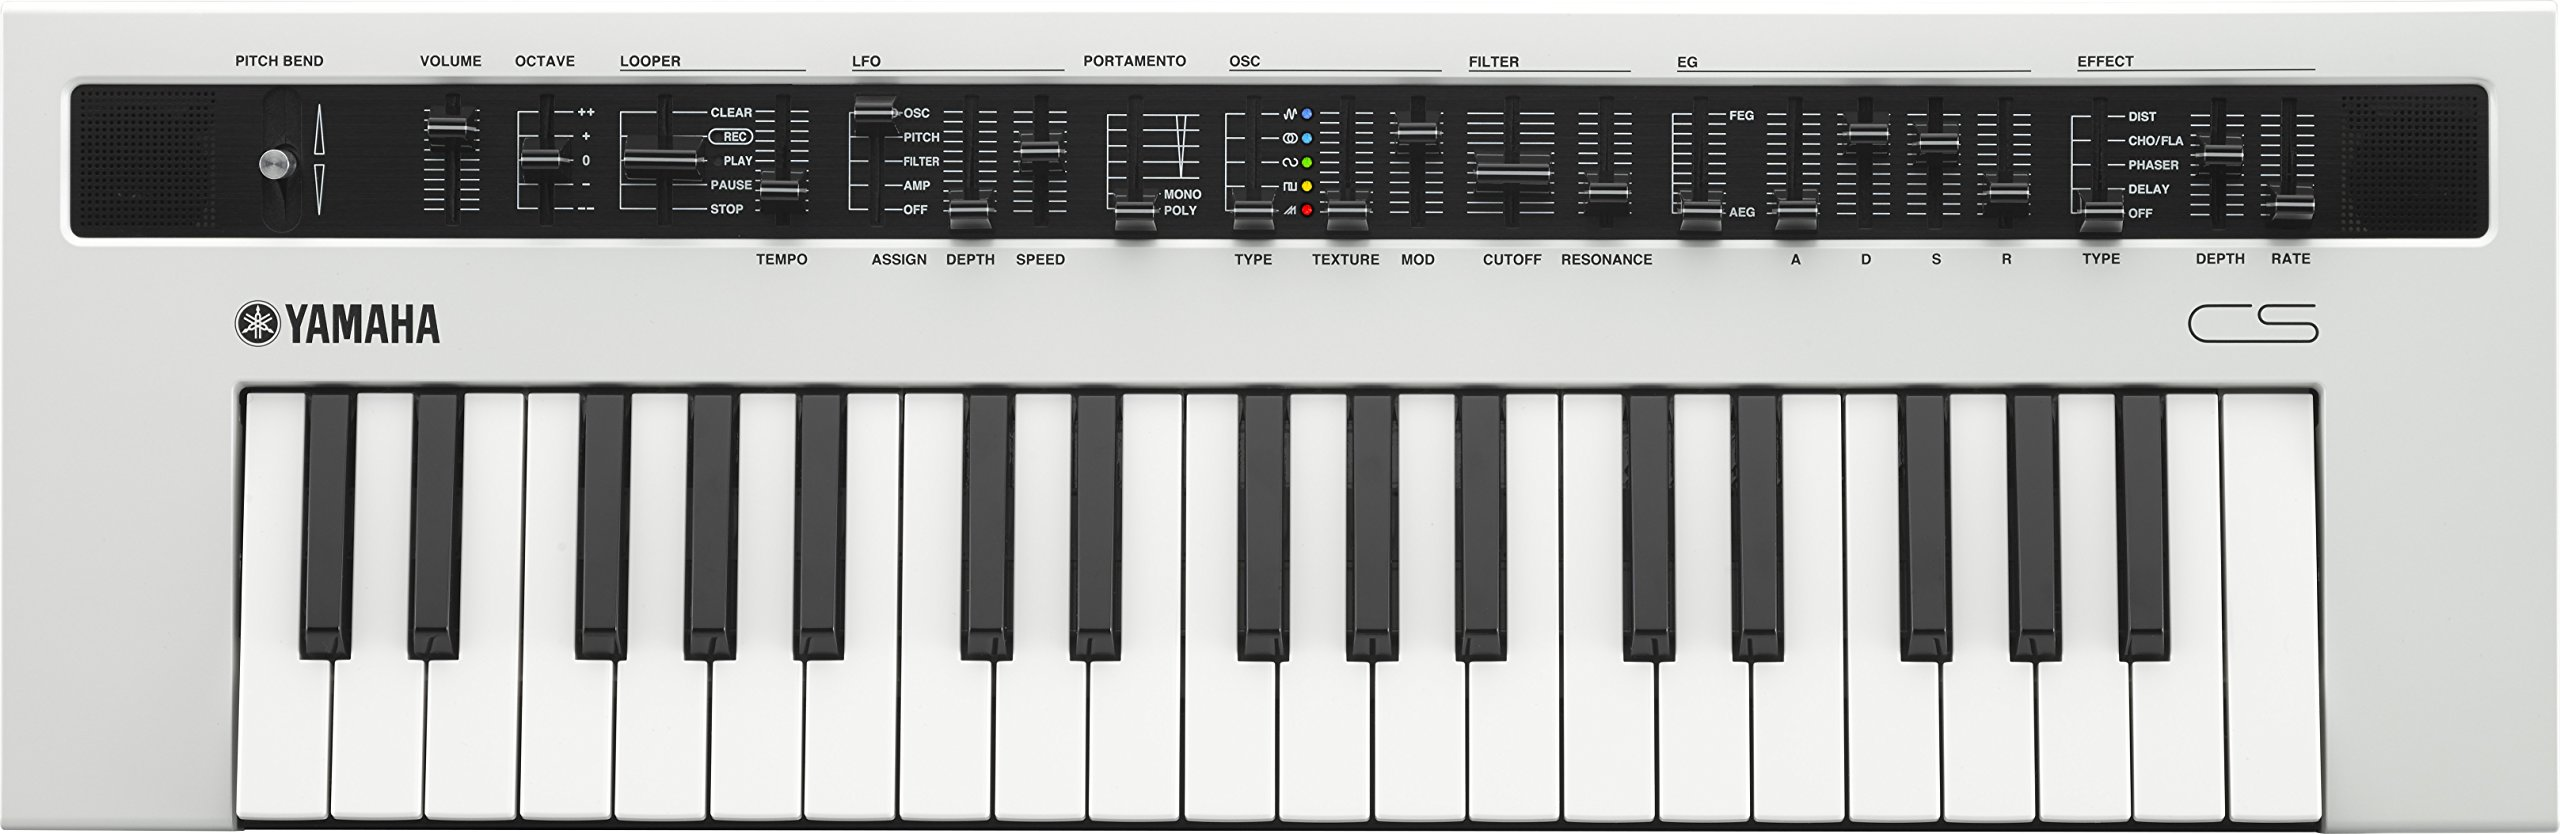 Yamaha REFACE CS Portable Analog Modeling Synthesizer by Yamaha (Image #1)